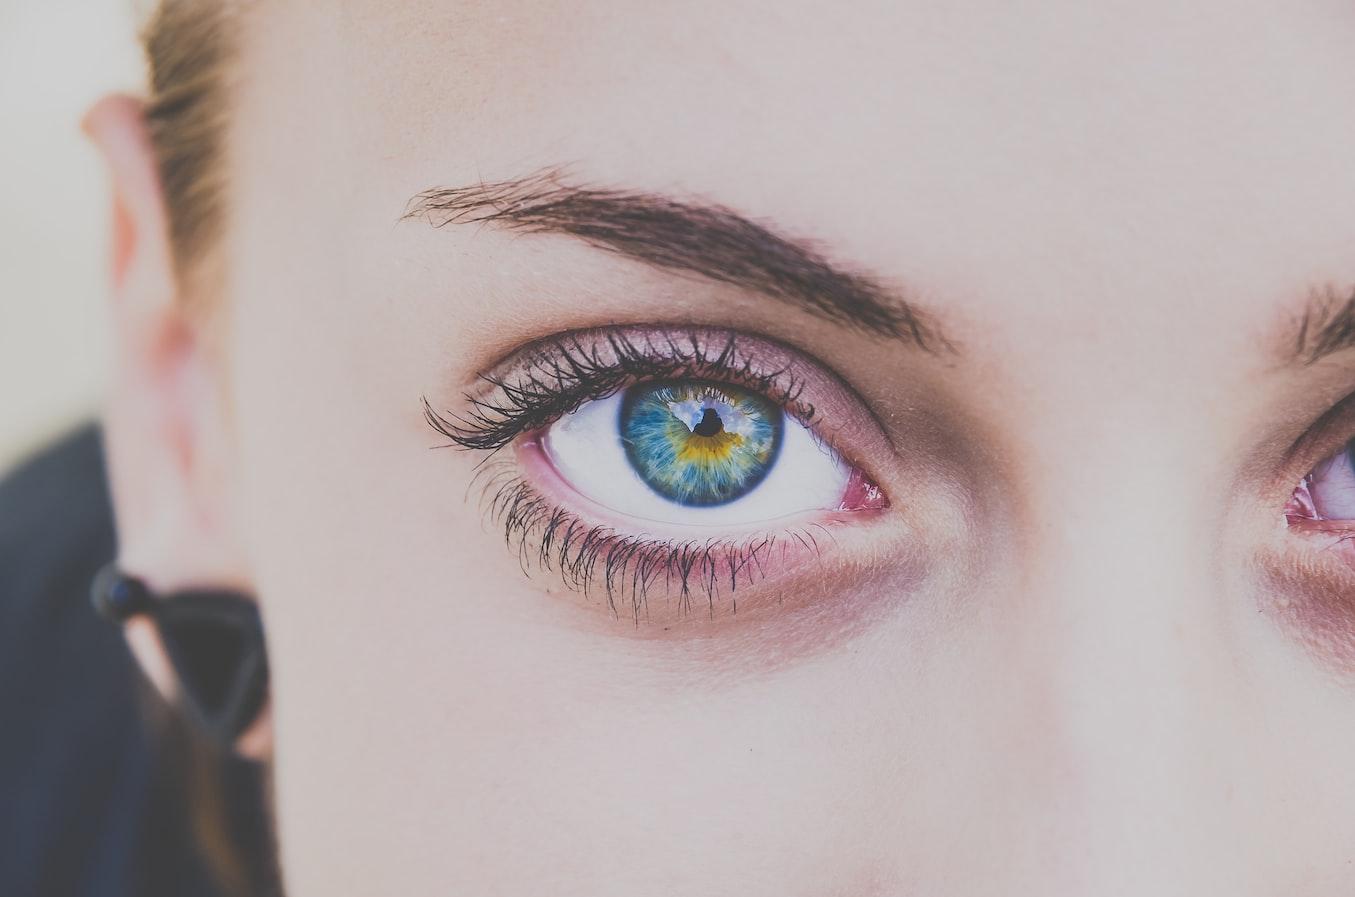 過半的眼睛疾病可預防!《JAMA》:健康的心血管大幅降低眼睛病變 | H